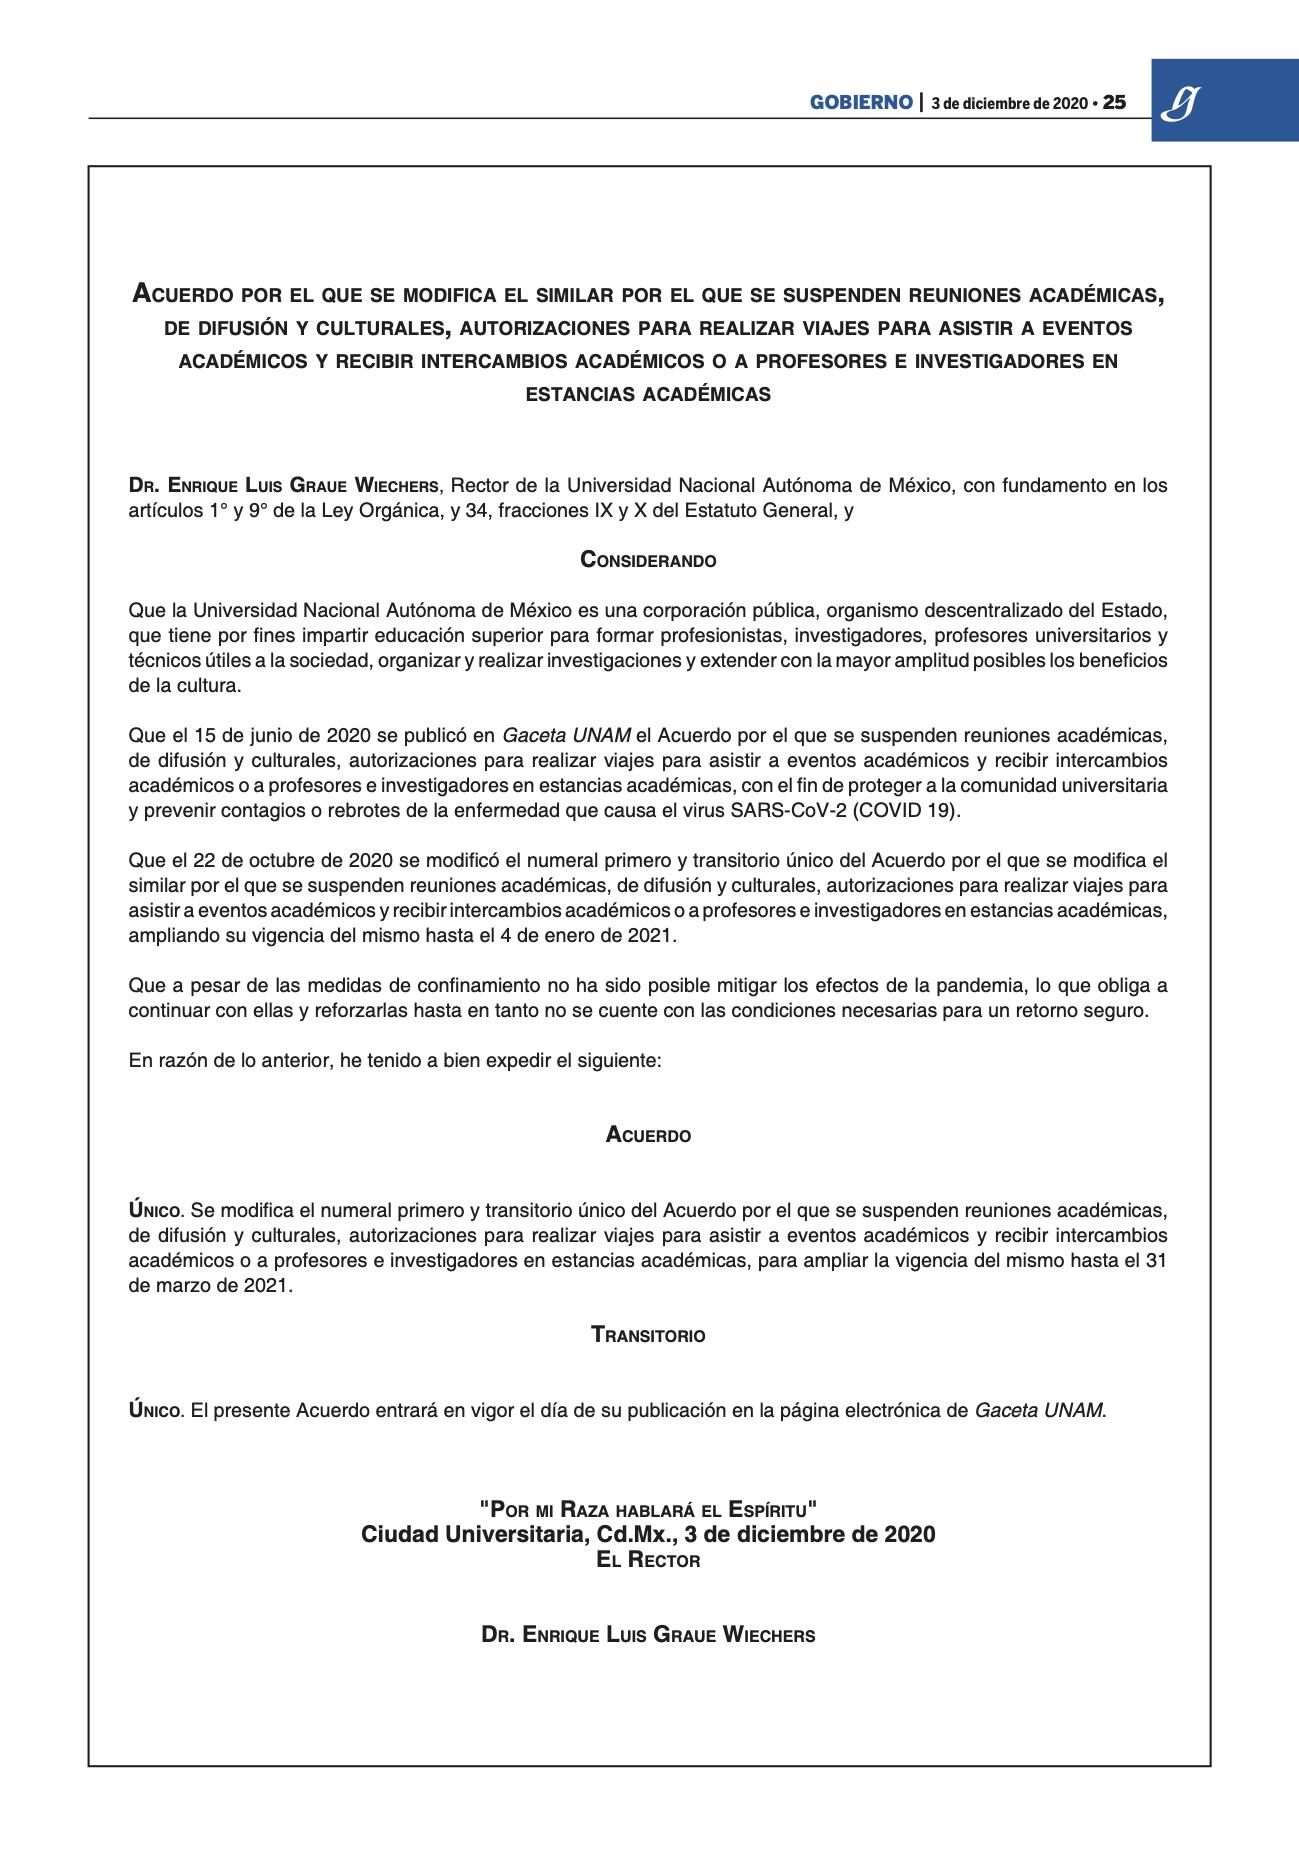 Acuerdo suspenden actividades académicas 04 dic